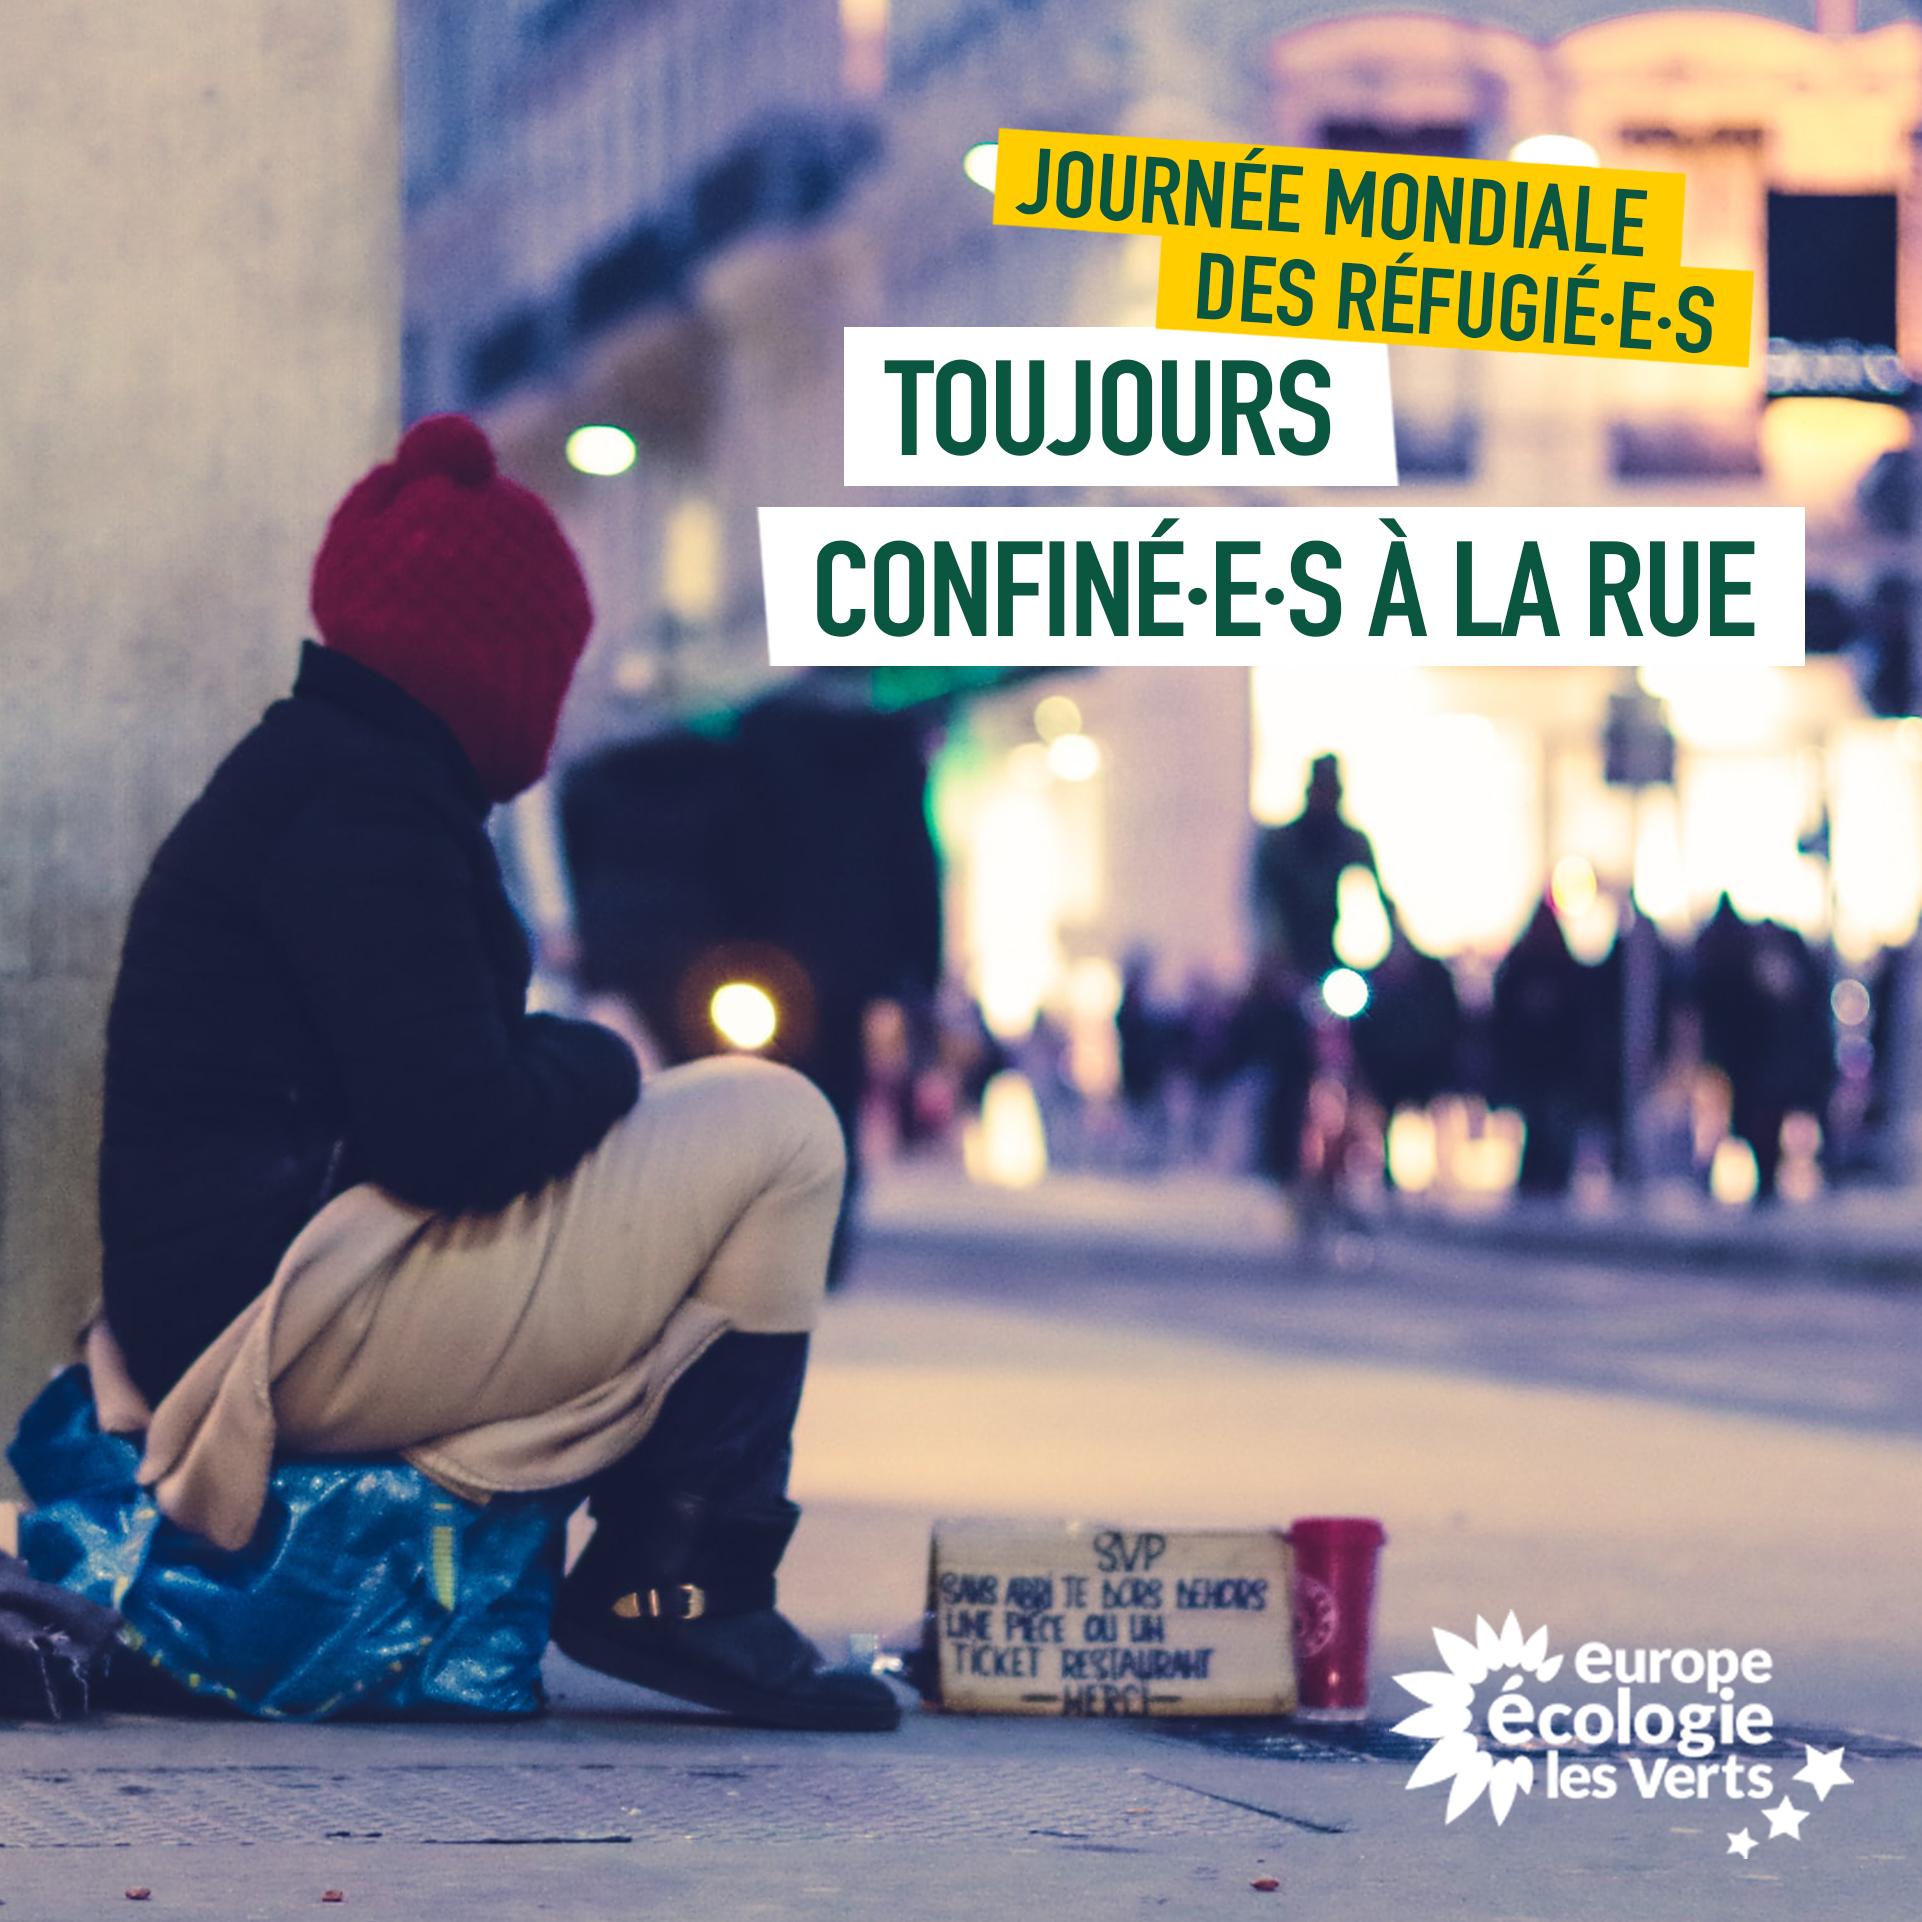 20 juin, Journée mondiale des réfugié·e·s : consolider le droit d'asile dans l'après crise sanitaire